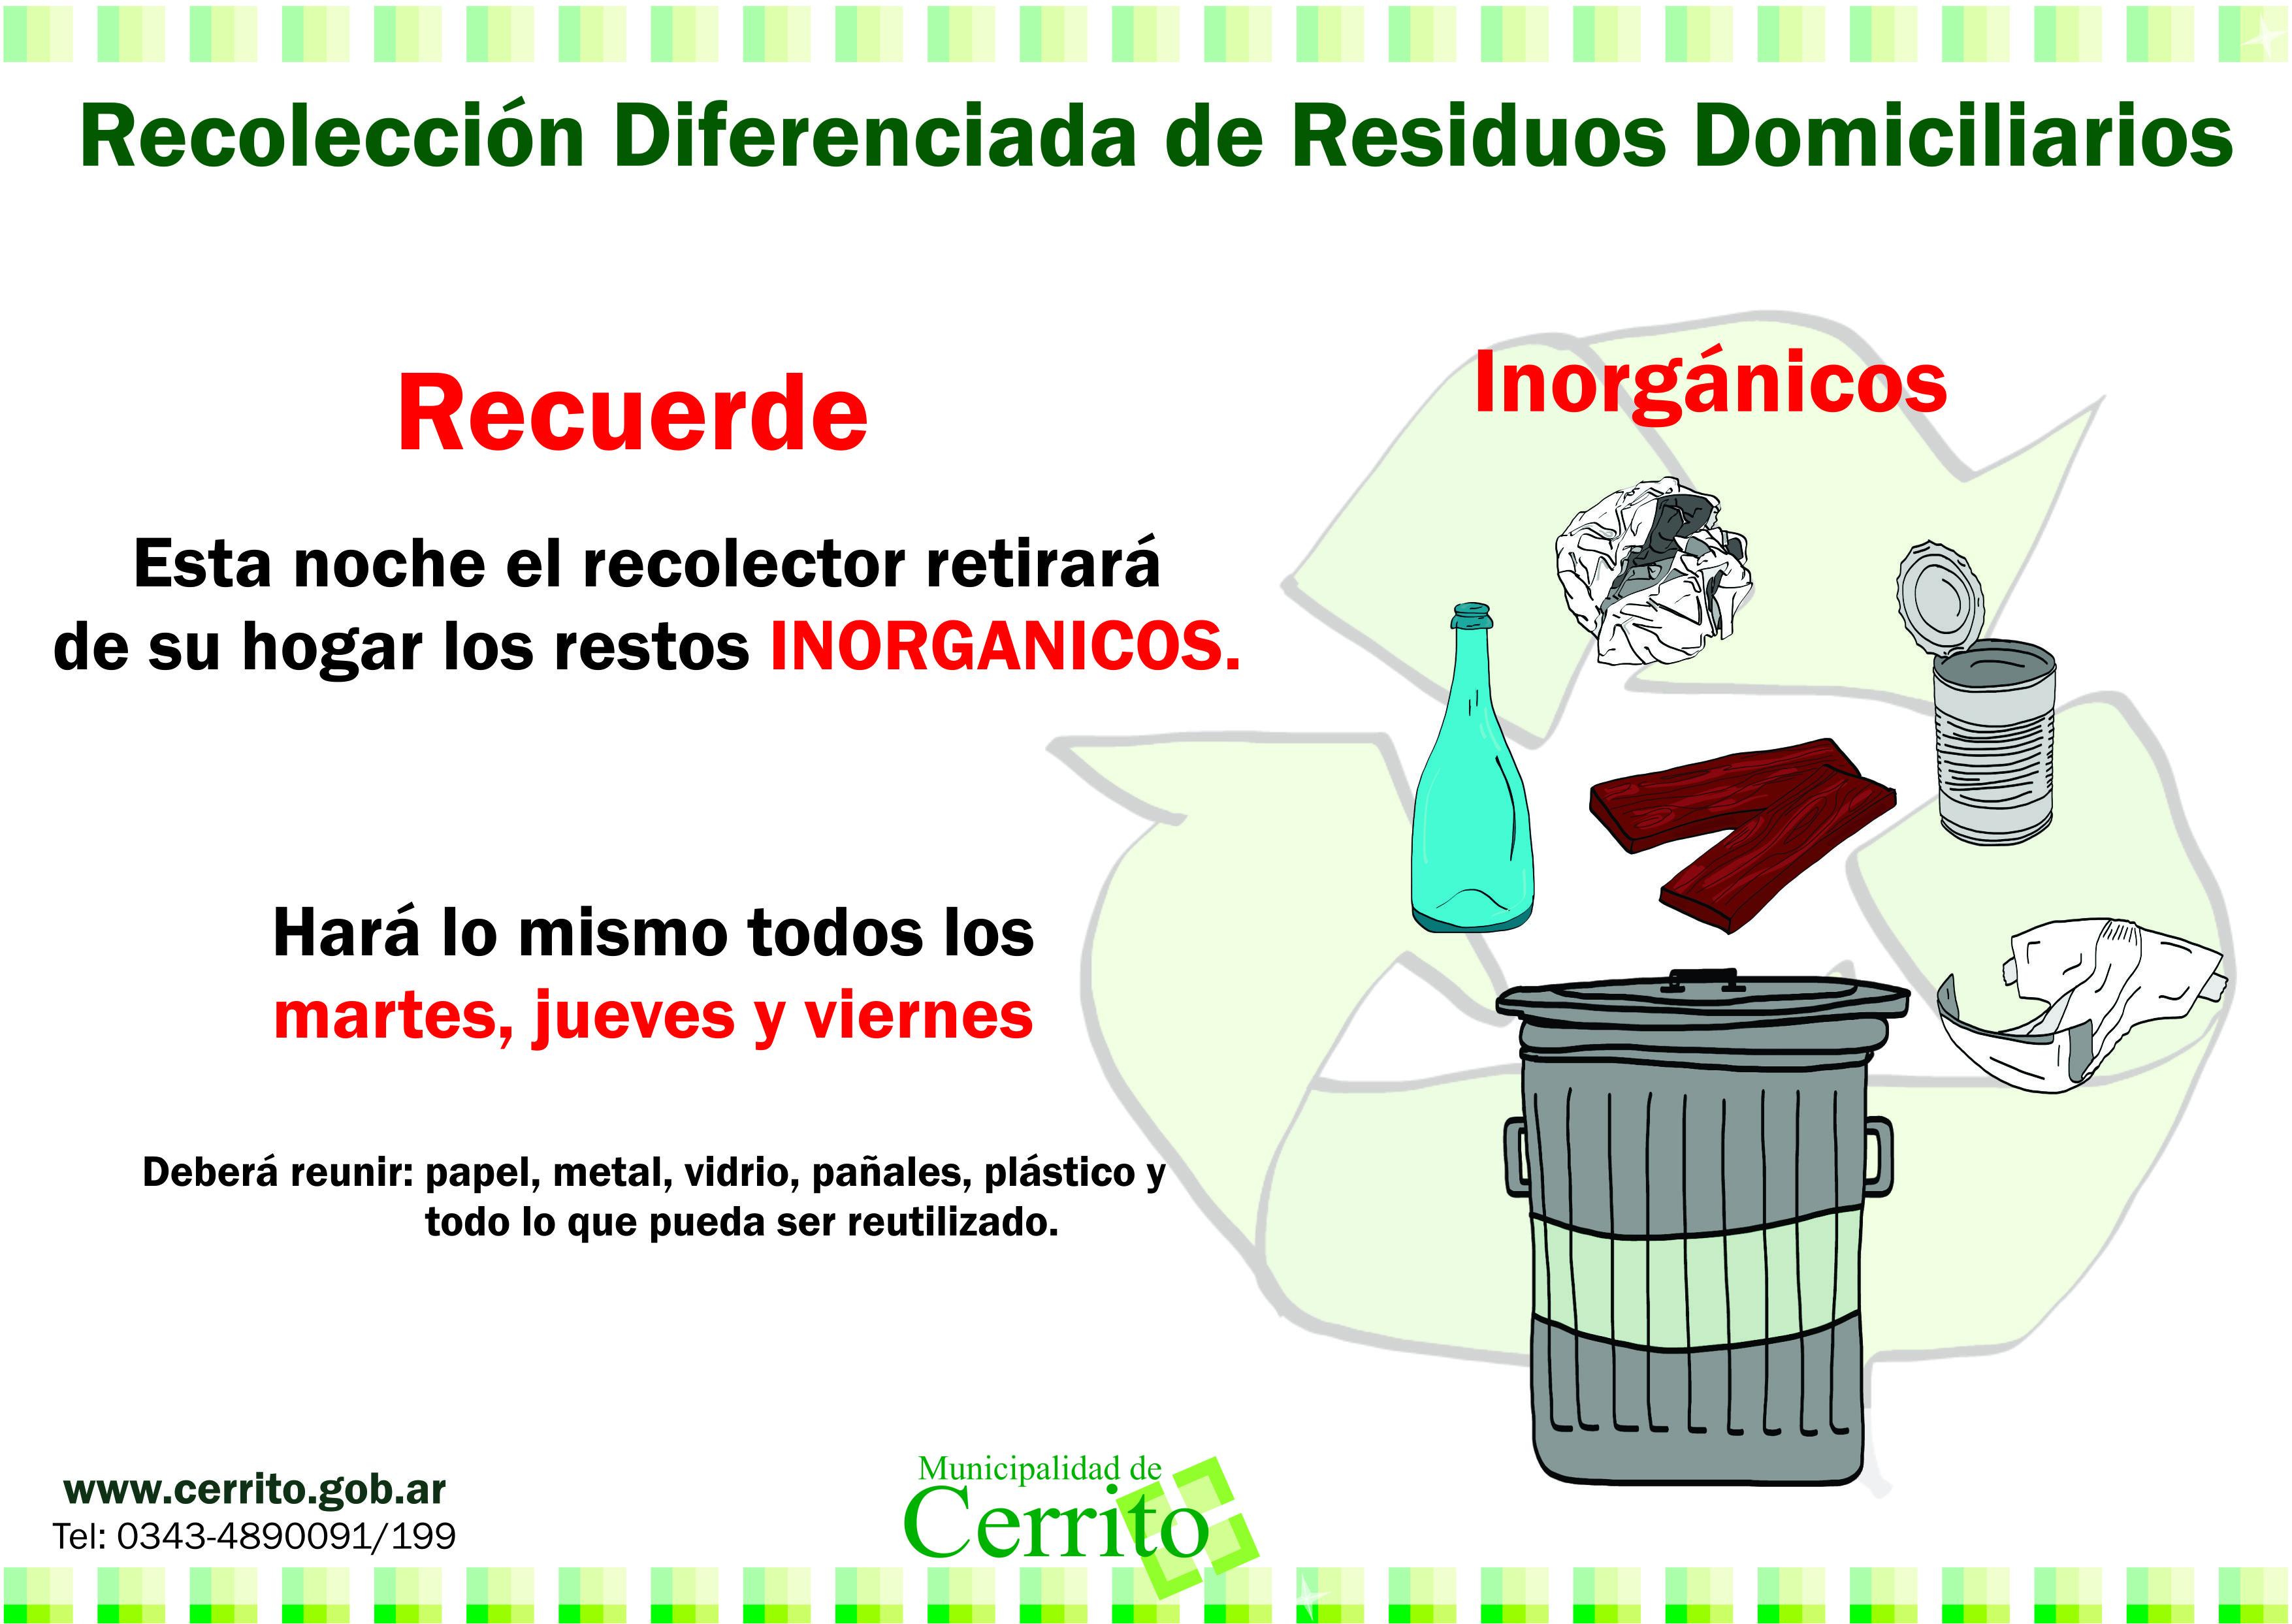 Fotos de basura inorganica 17